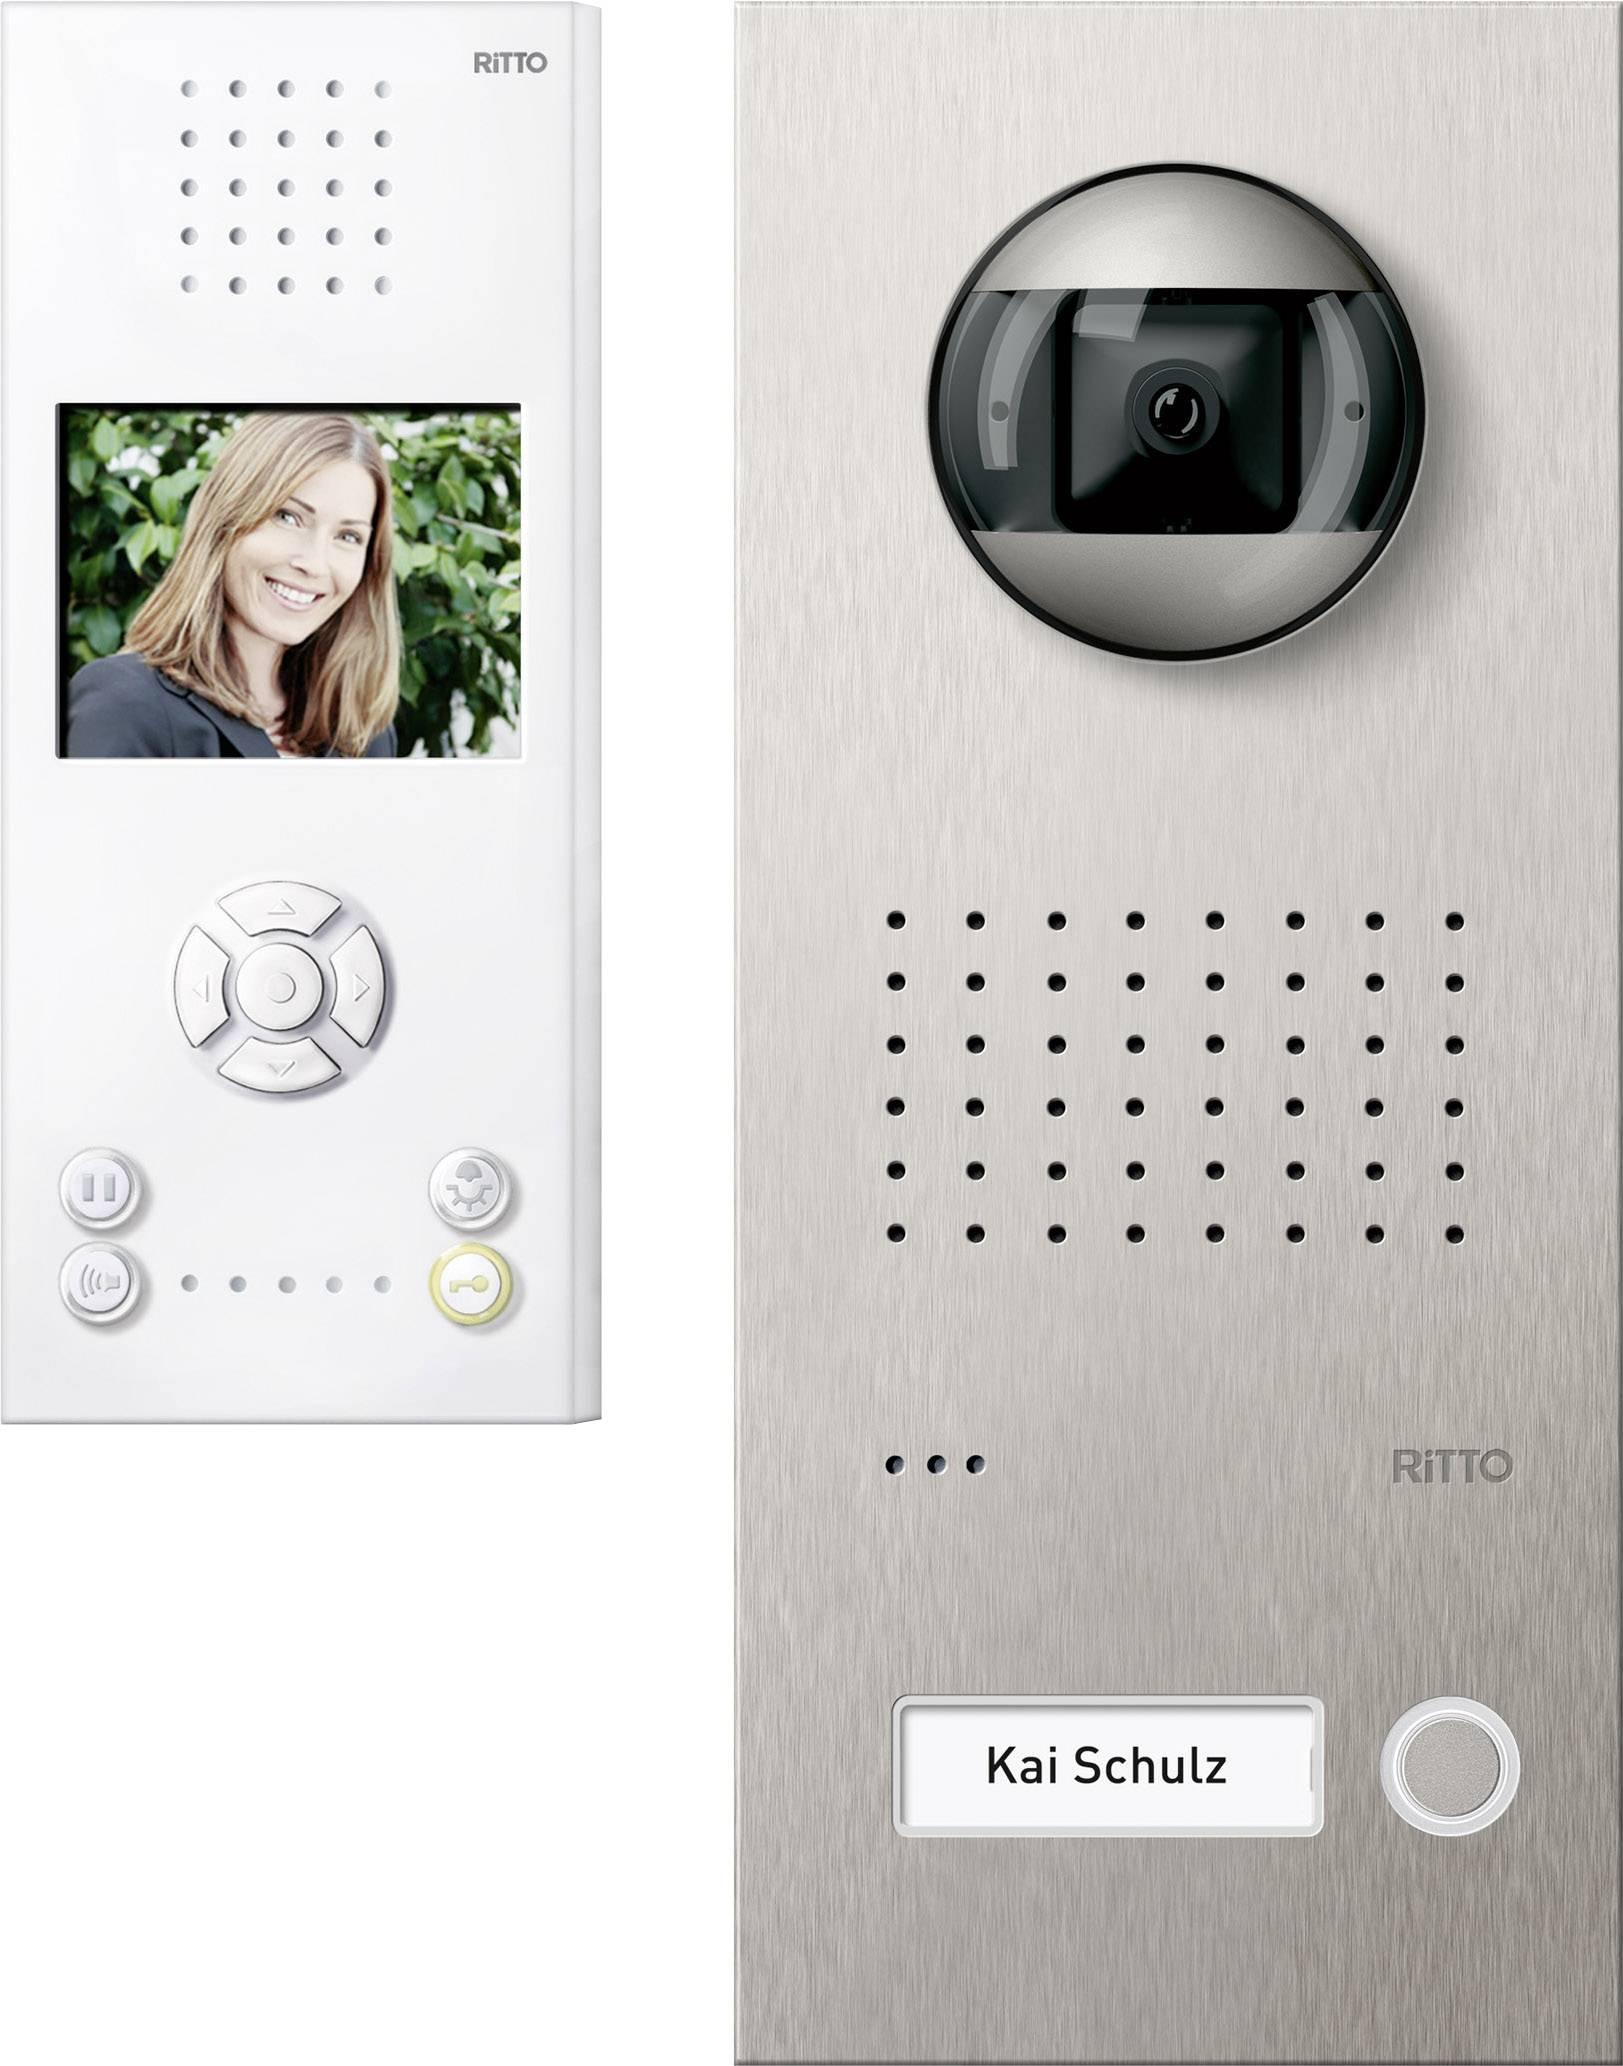 Kabelový domovní video telefon Ritto by Schneider RGE1819525 3857212, bílá/ocelová